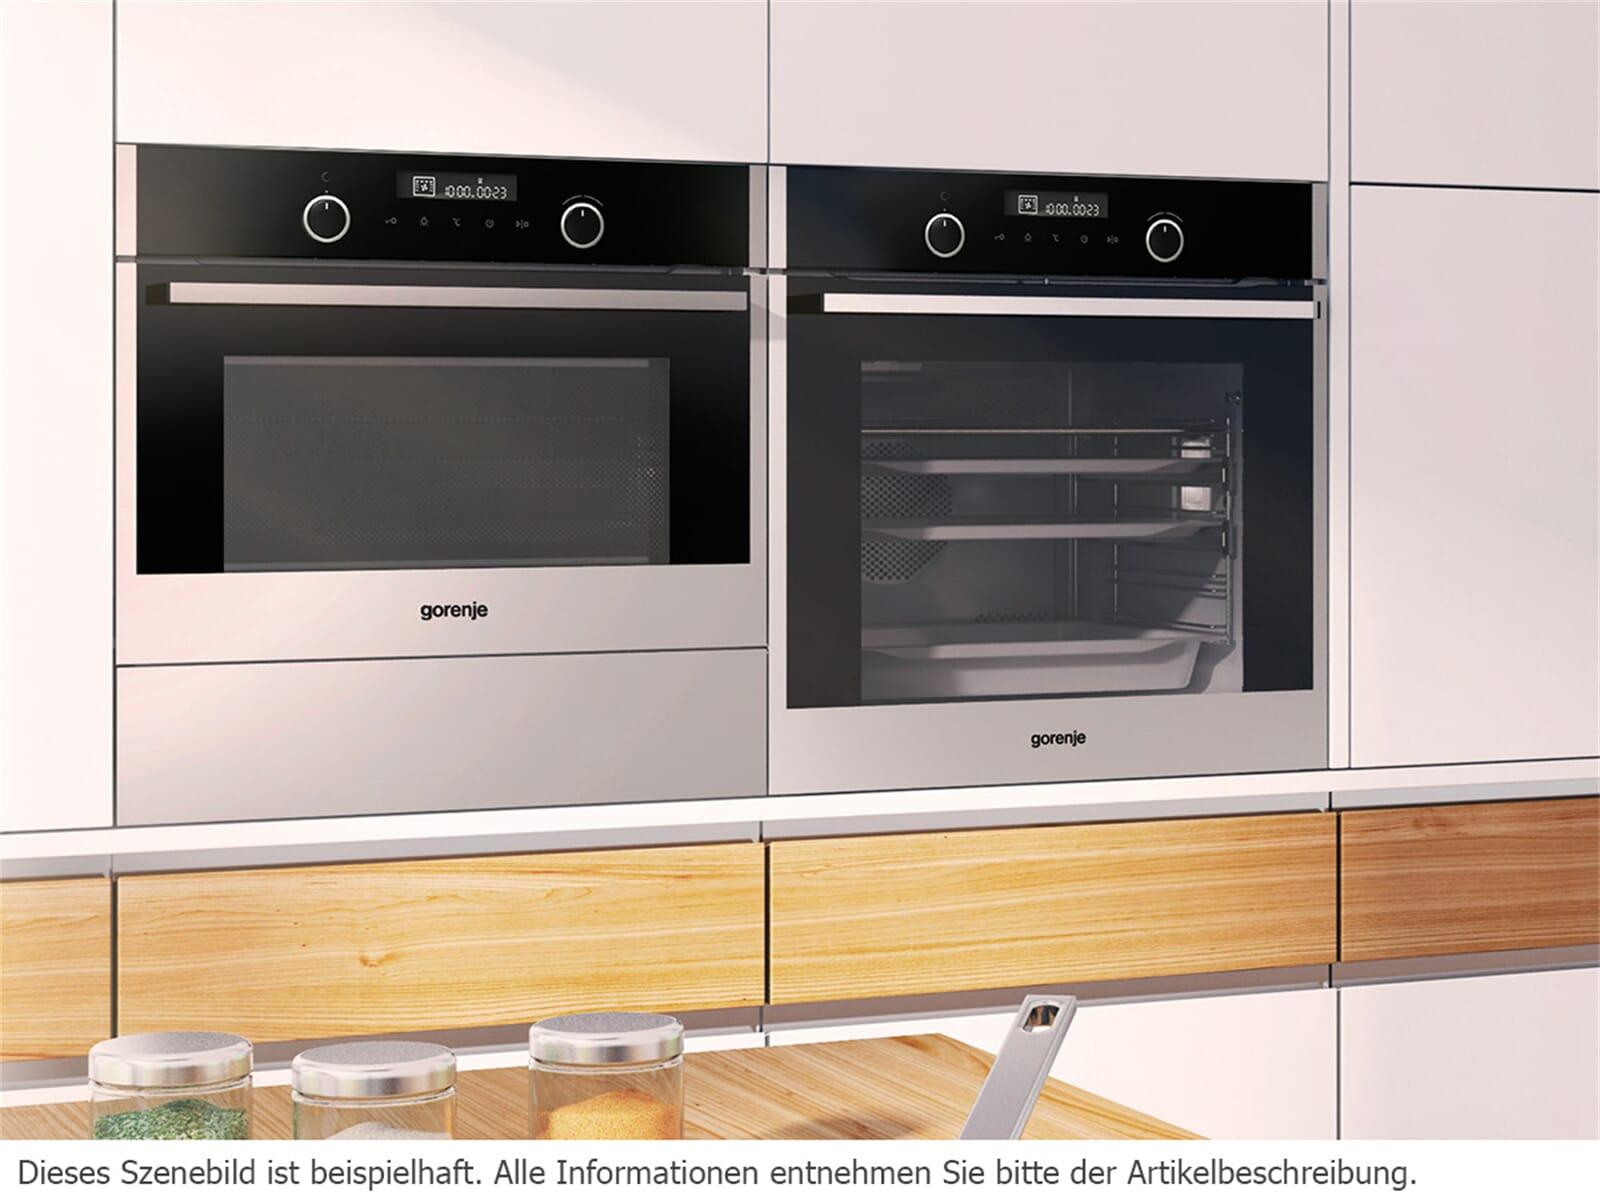 gorenje bo 547 s10x kompakt backofen edelstahl. Black Bedroom Furniture Sets. Home Design Ideas